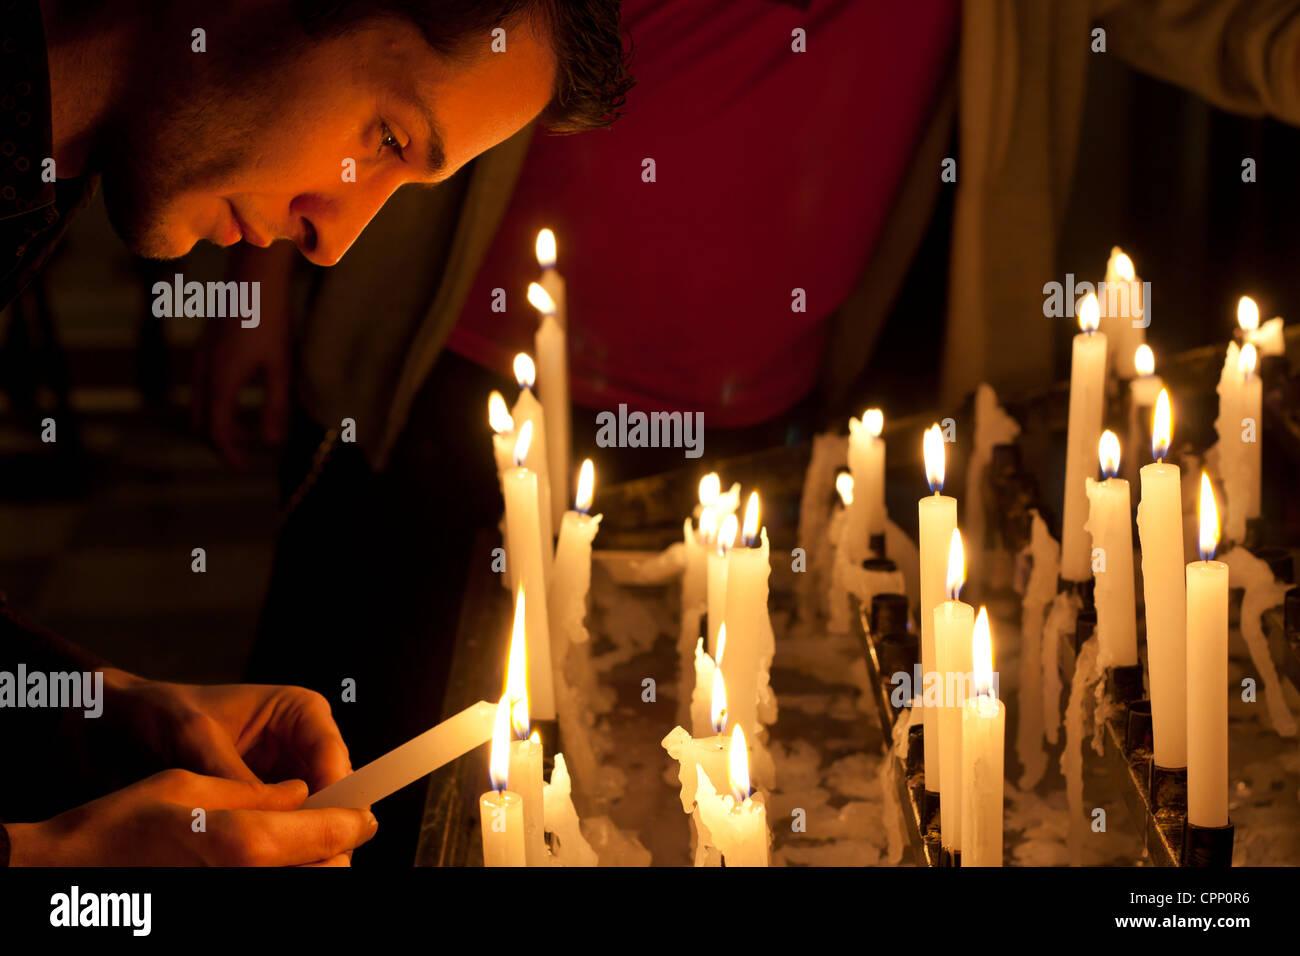 La prière dans l'église et des bougies Photo Stock